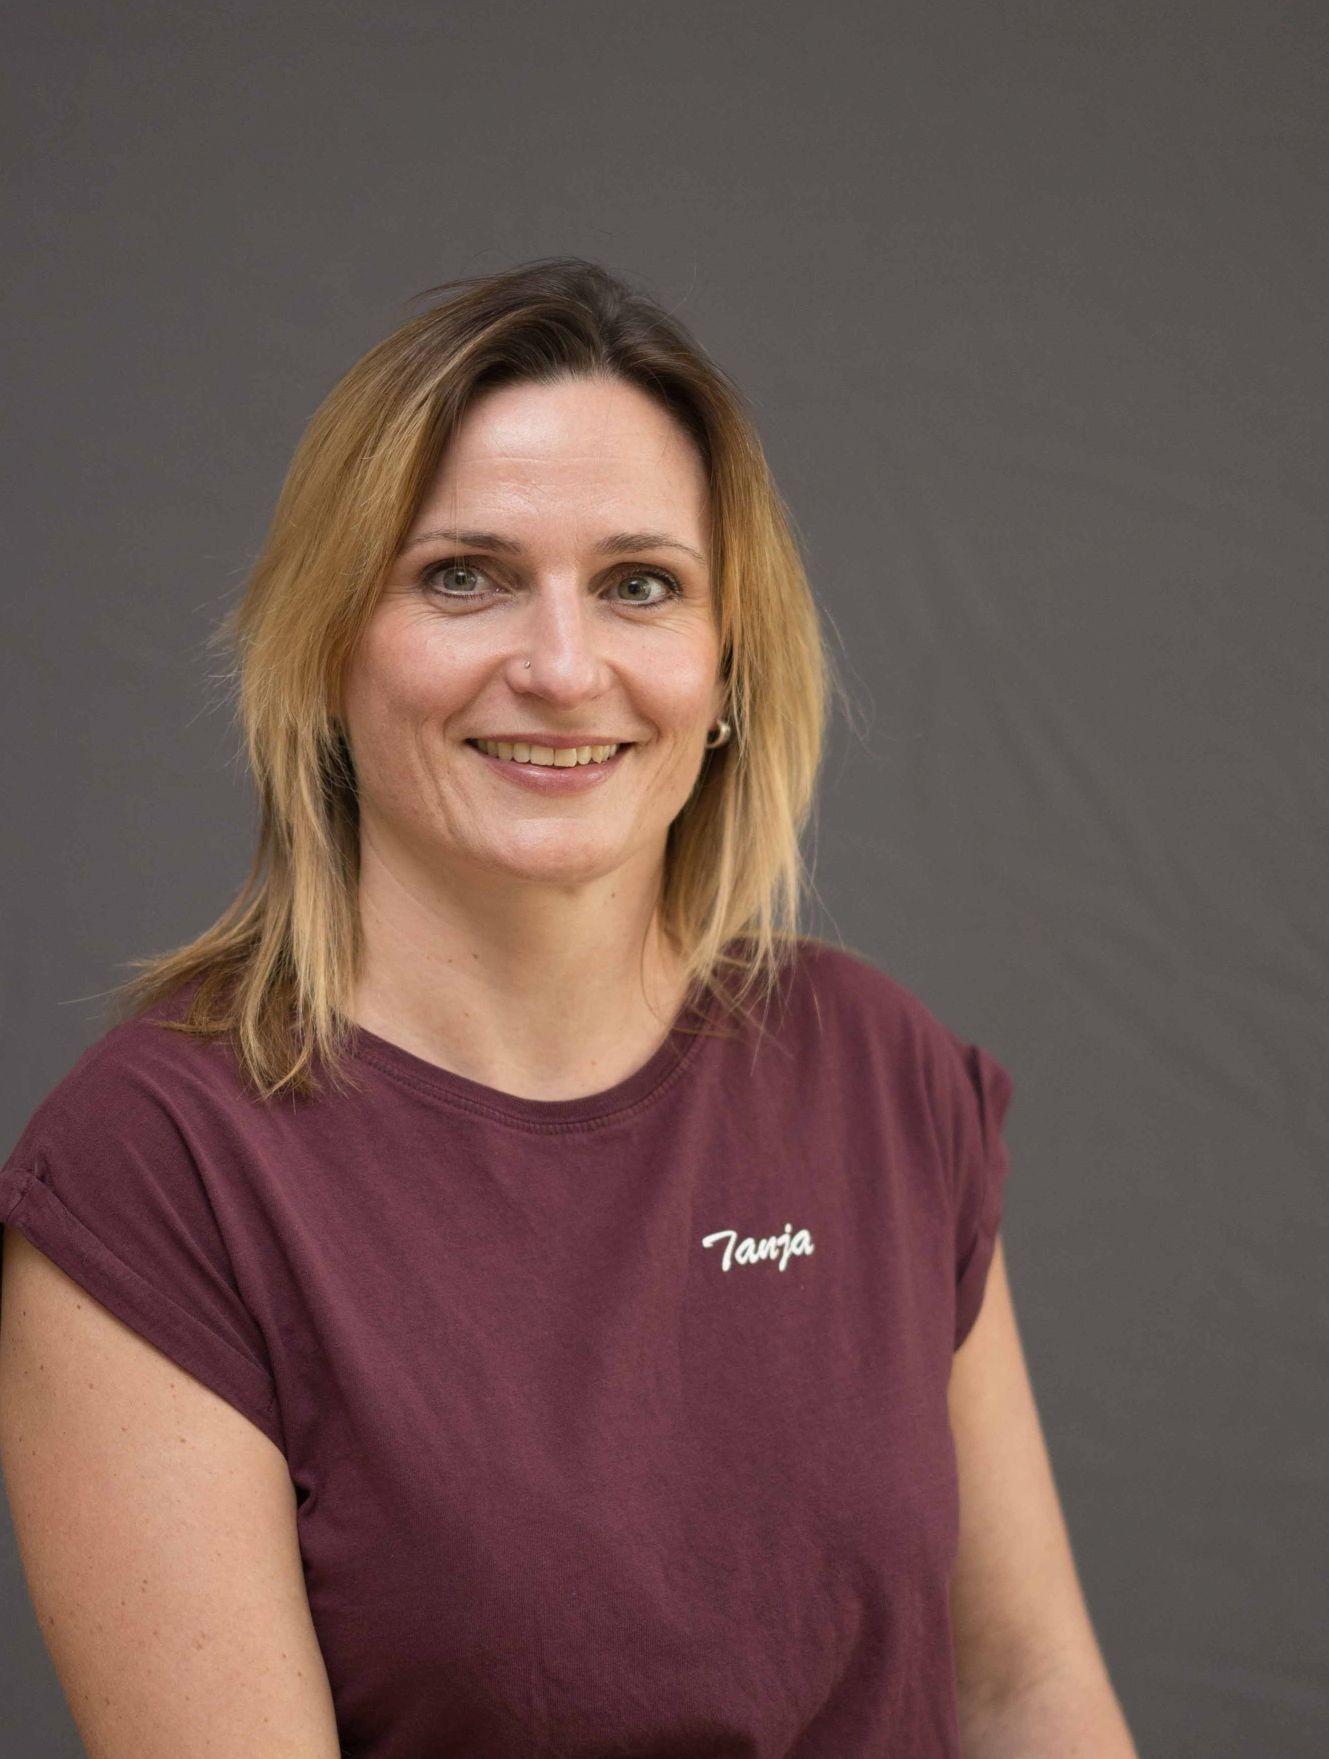 Tanja Sarantou